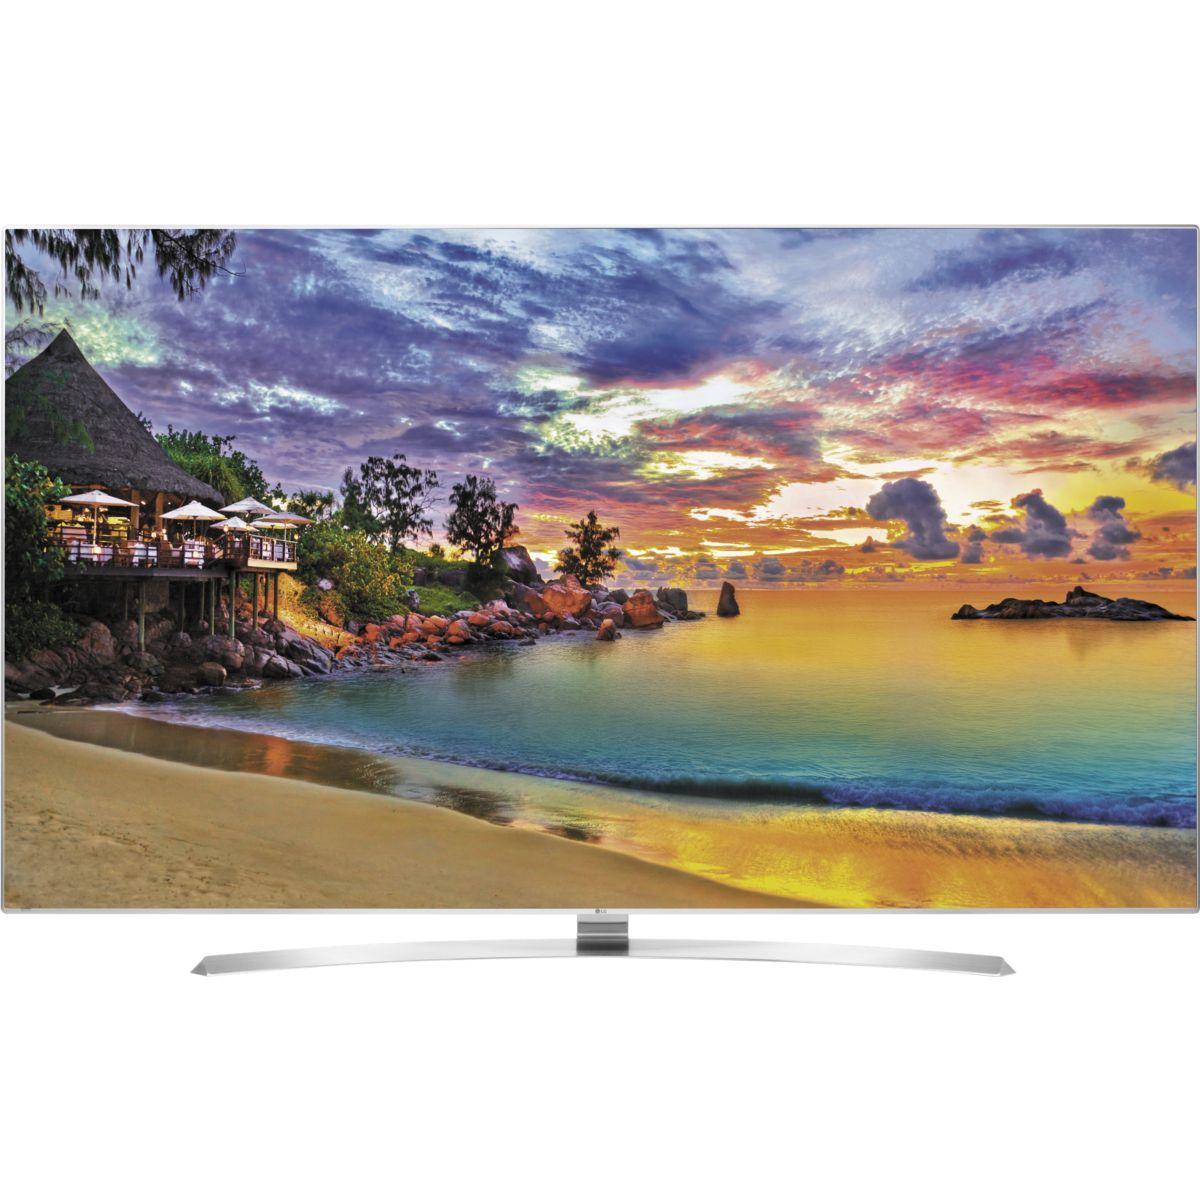 Tv lg 55uh950v 200hz 4k smart tv 3d - livraison offerte : code livraisontv